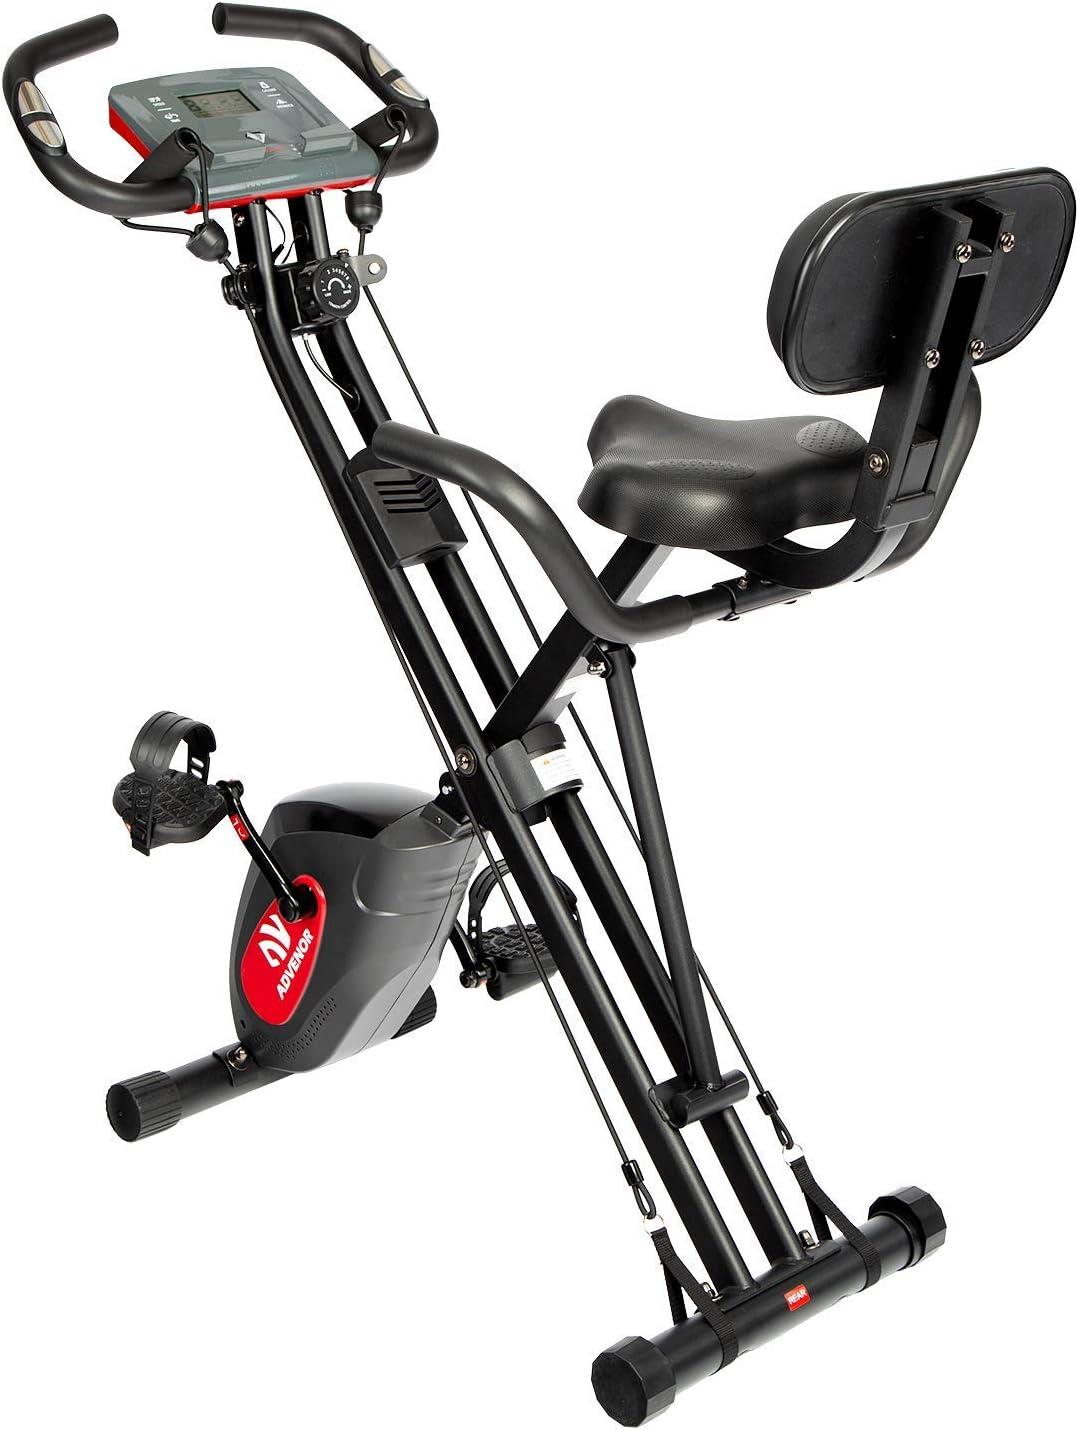 Best exercise bike for under 200